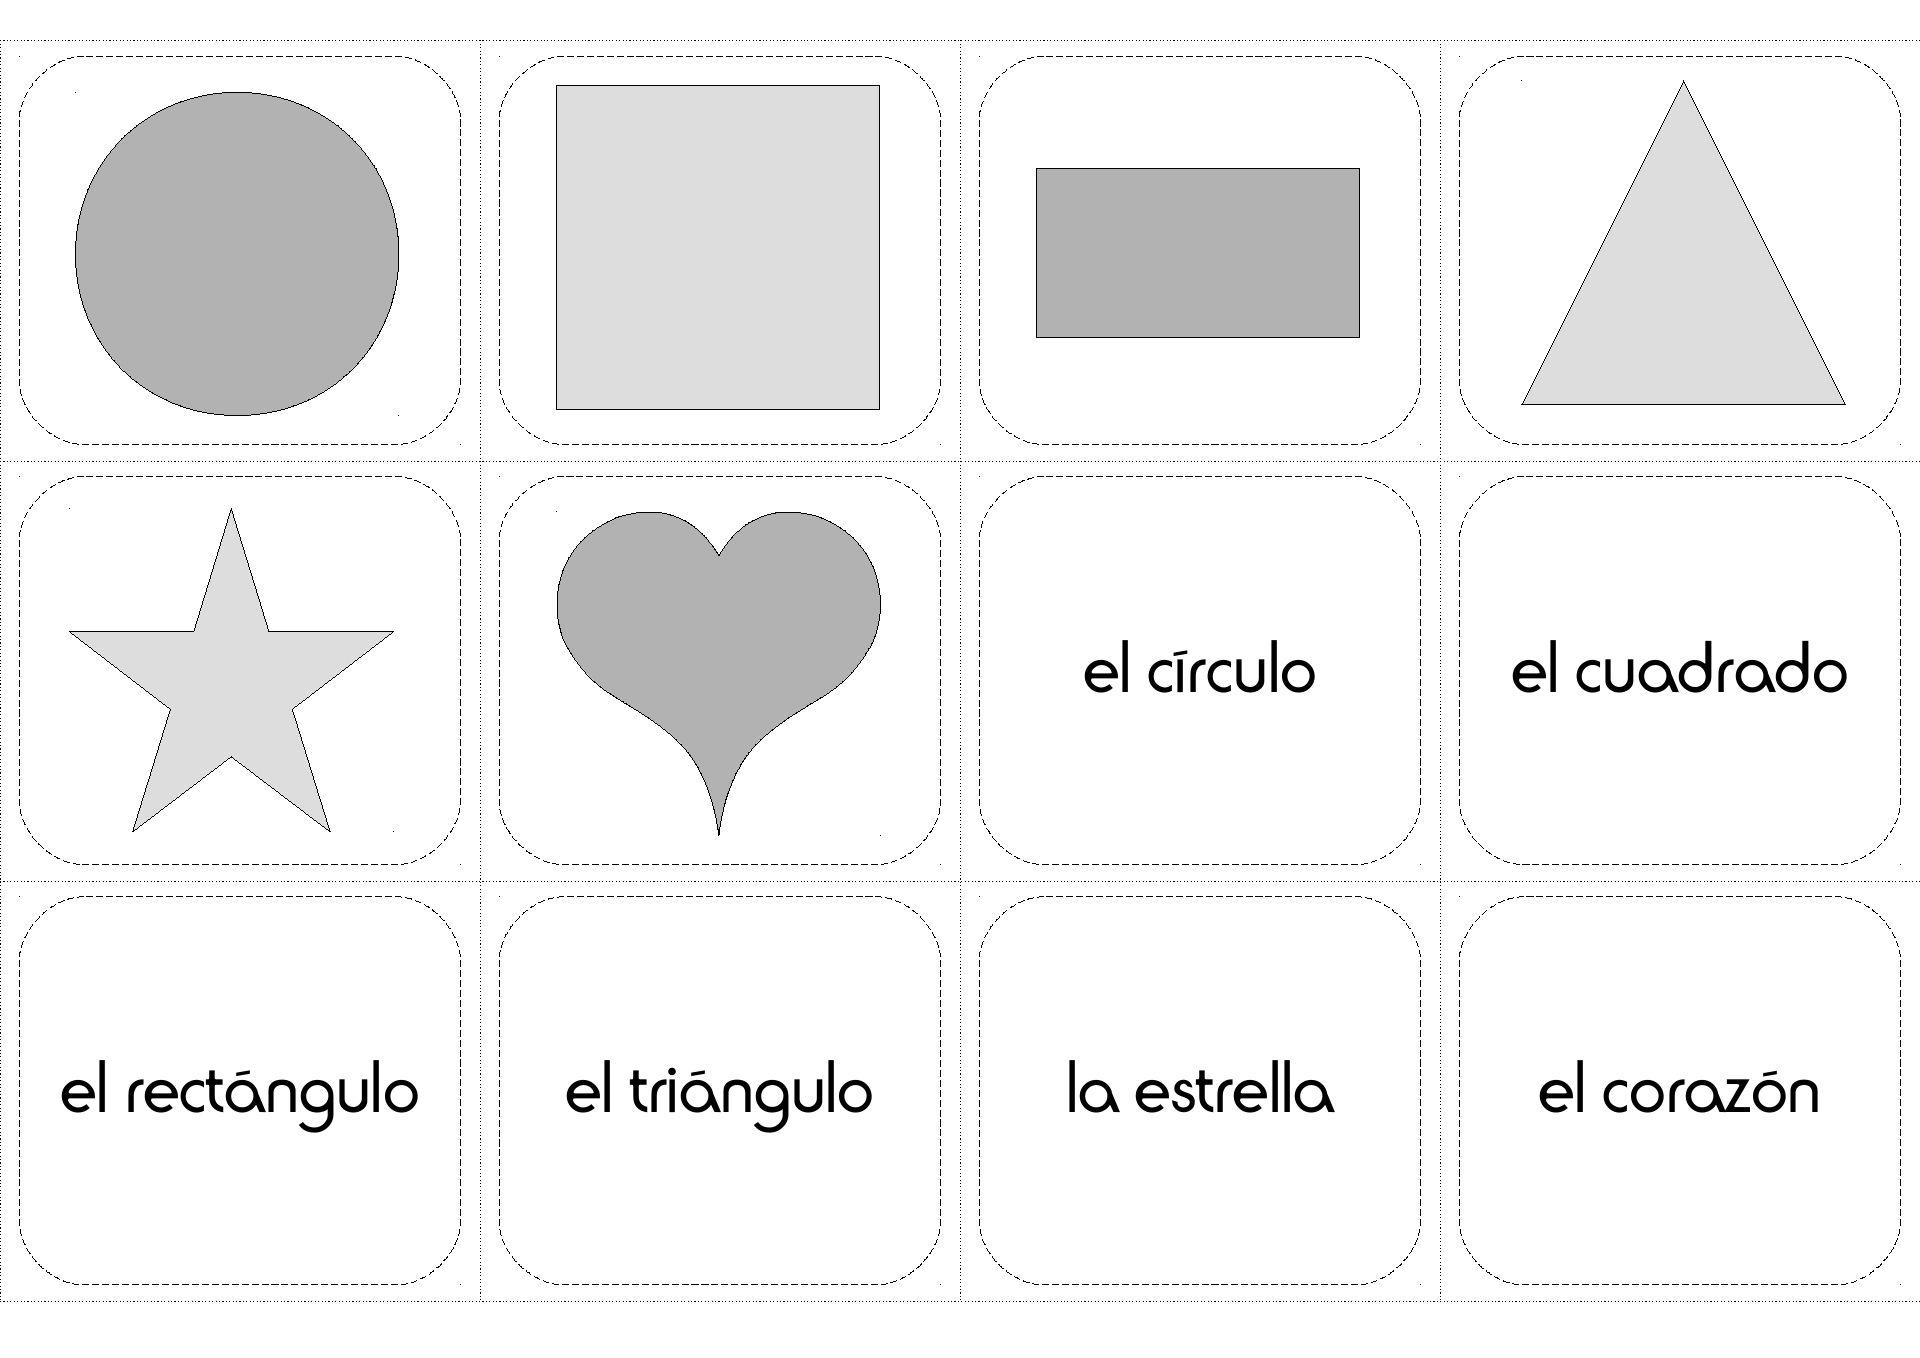 Las Formas Espanol Ninos Actividades Shapes In Spanish For Kids Worksheet Shapes In Spanish Shapes Worksheets Activity Pack